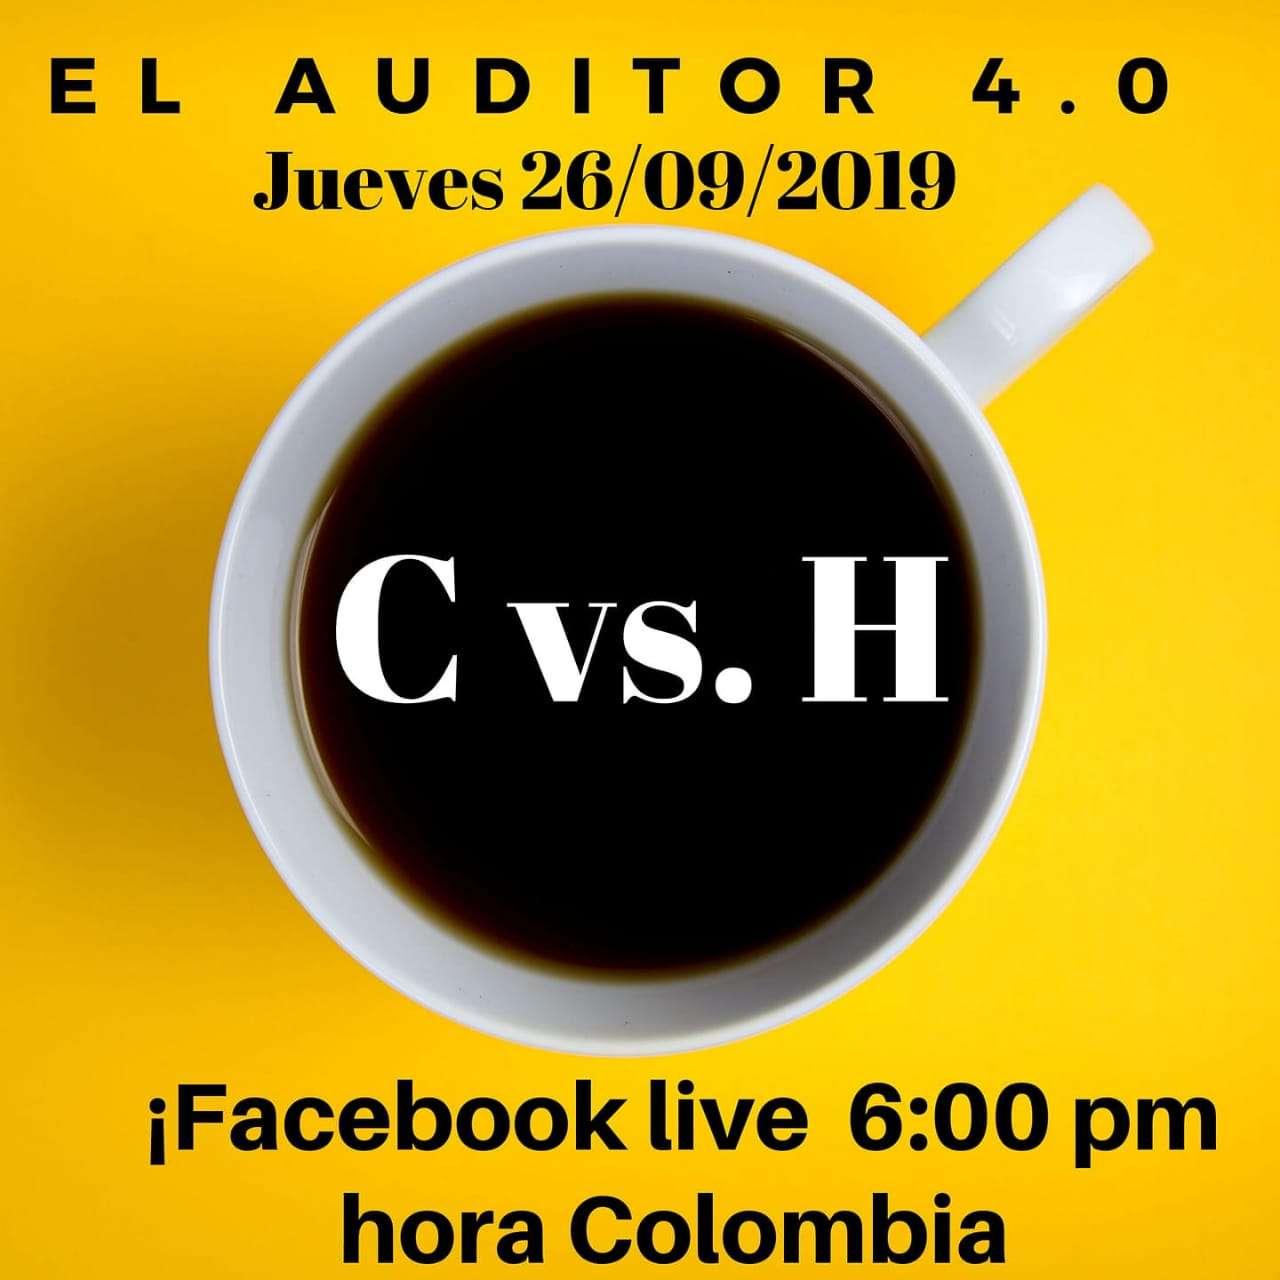 C vs. H